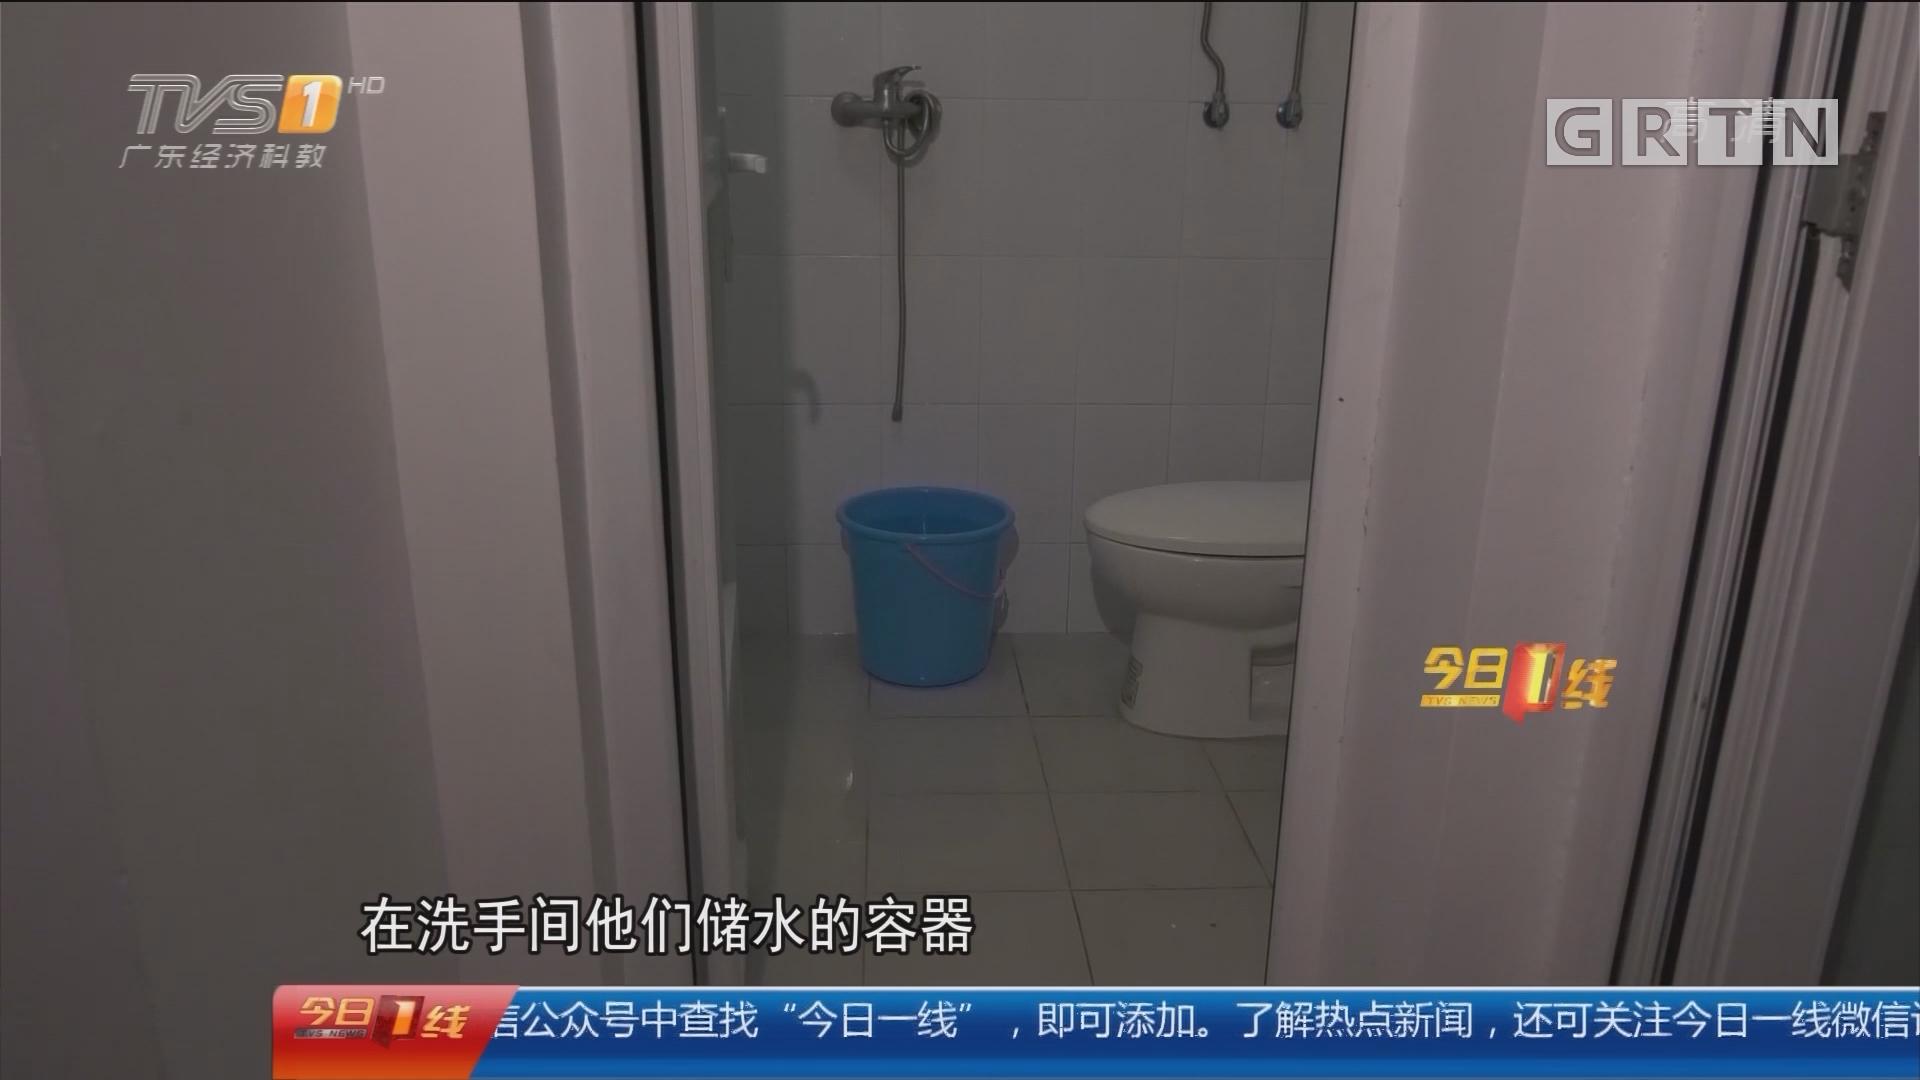 深圳福田:一岁娃掉入水桶 孩子照顾勿疏忽